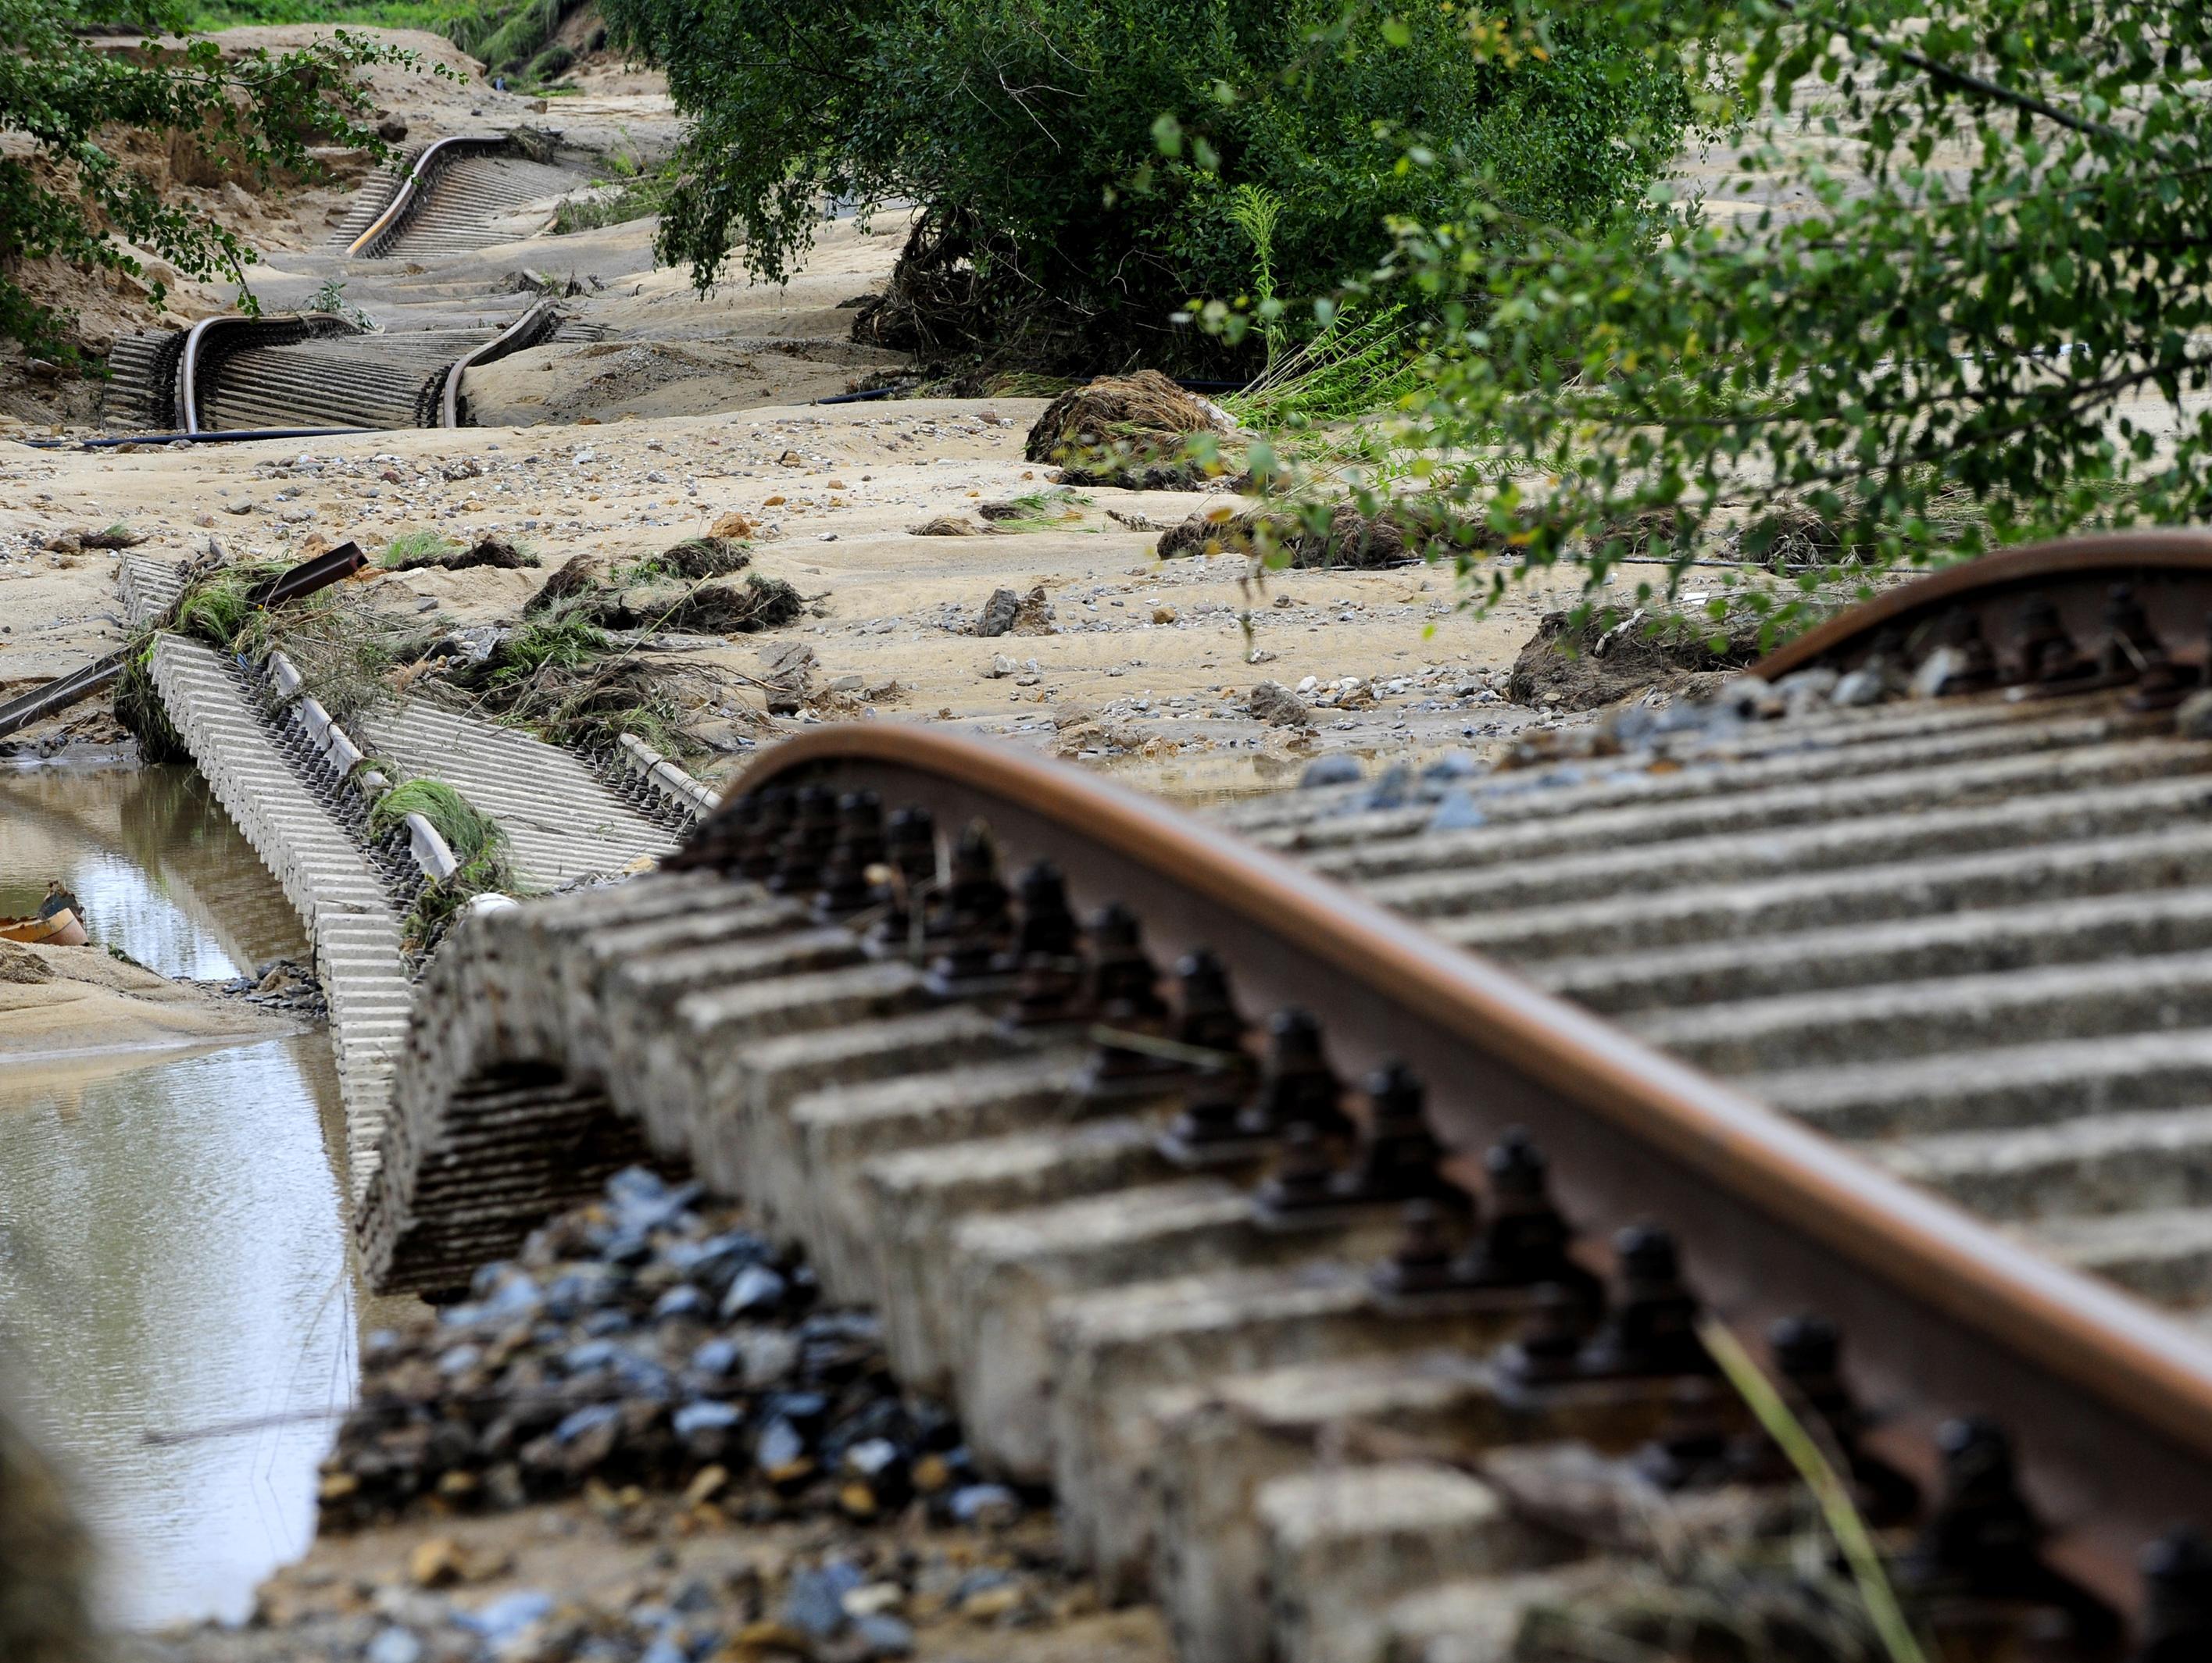 הפיל עצים על פסי רכבת: גמלאי צ'כי ניסה להפליל מוסלמים בטרור